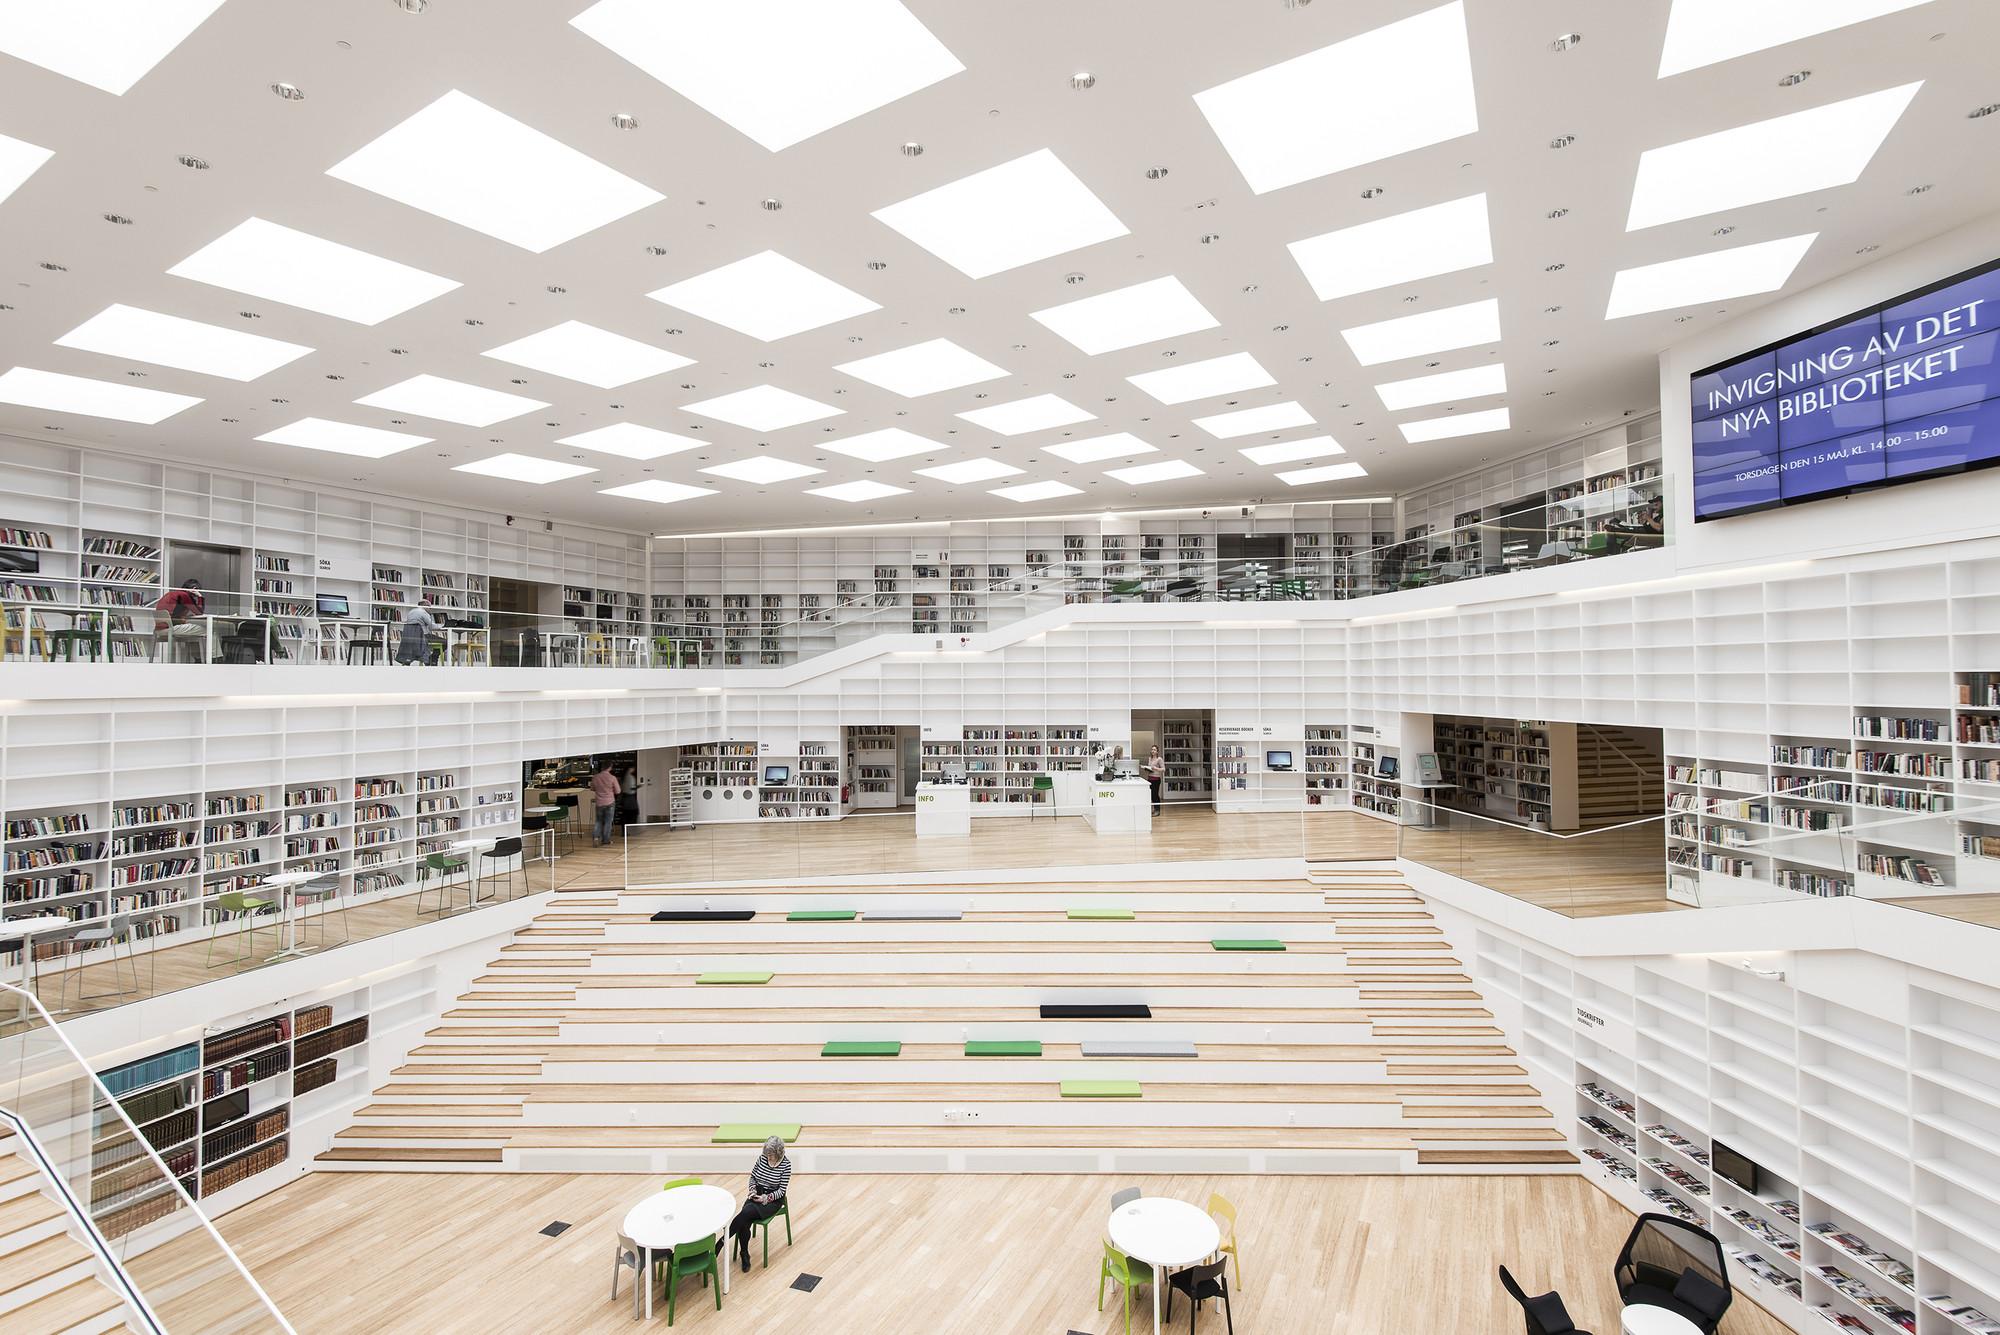 Biblioteca e Mediateca Dalarna / ADEPT, © Wilhelm Rejnus & Linus Flodin